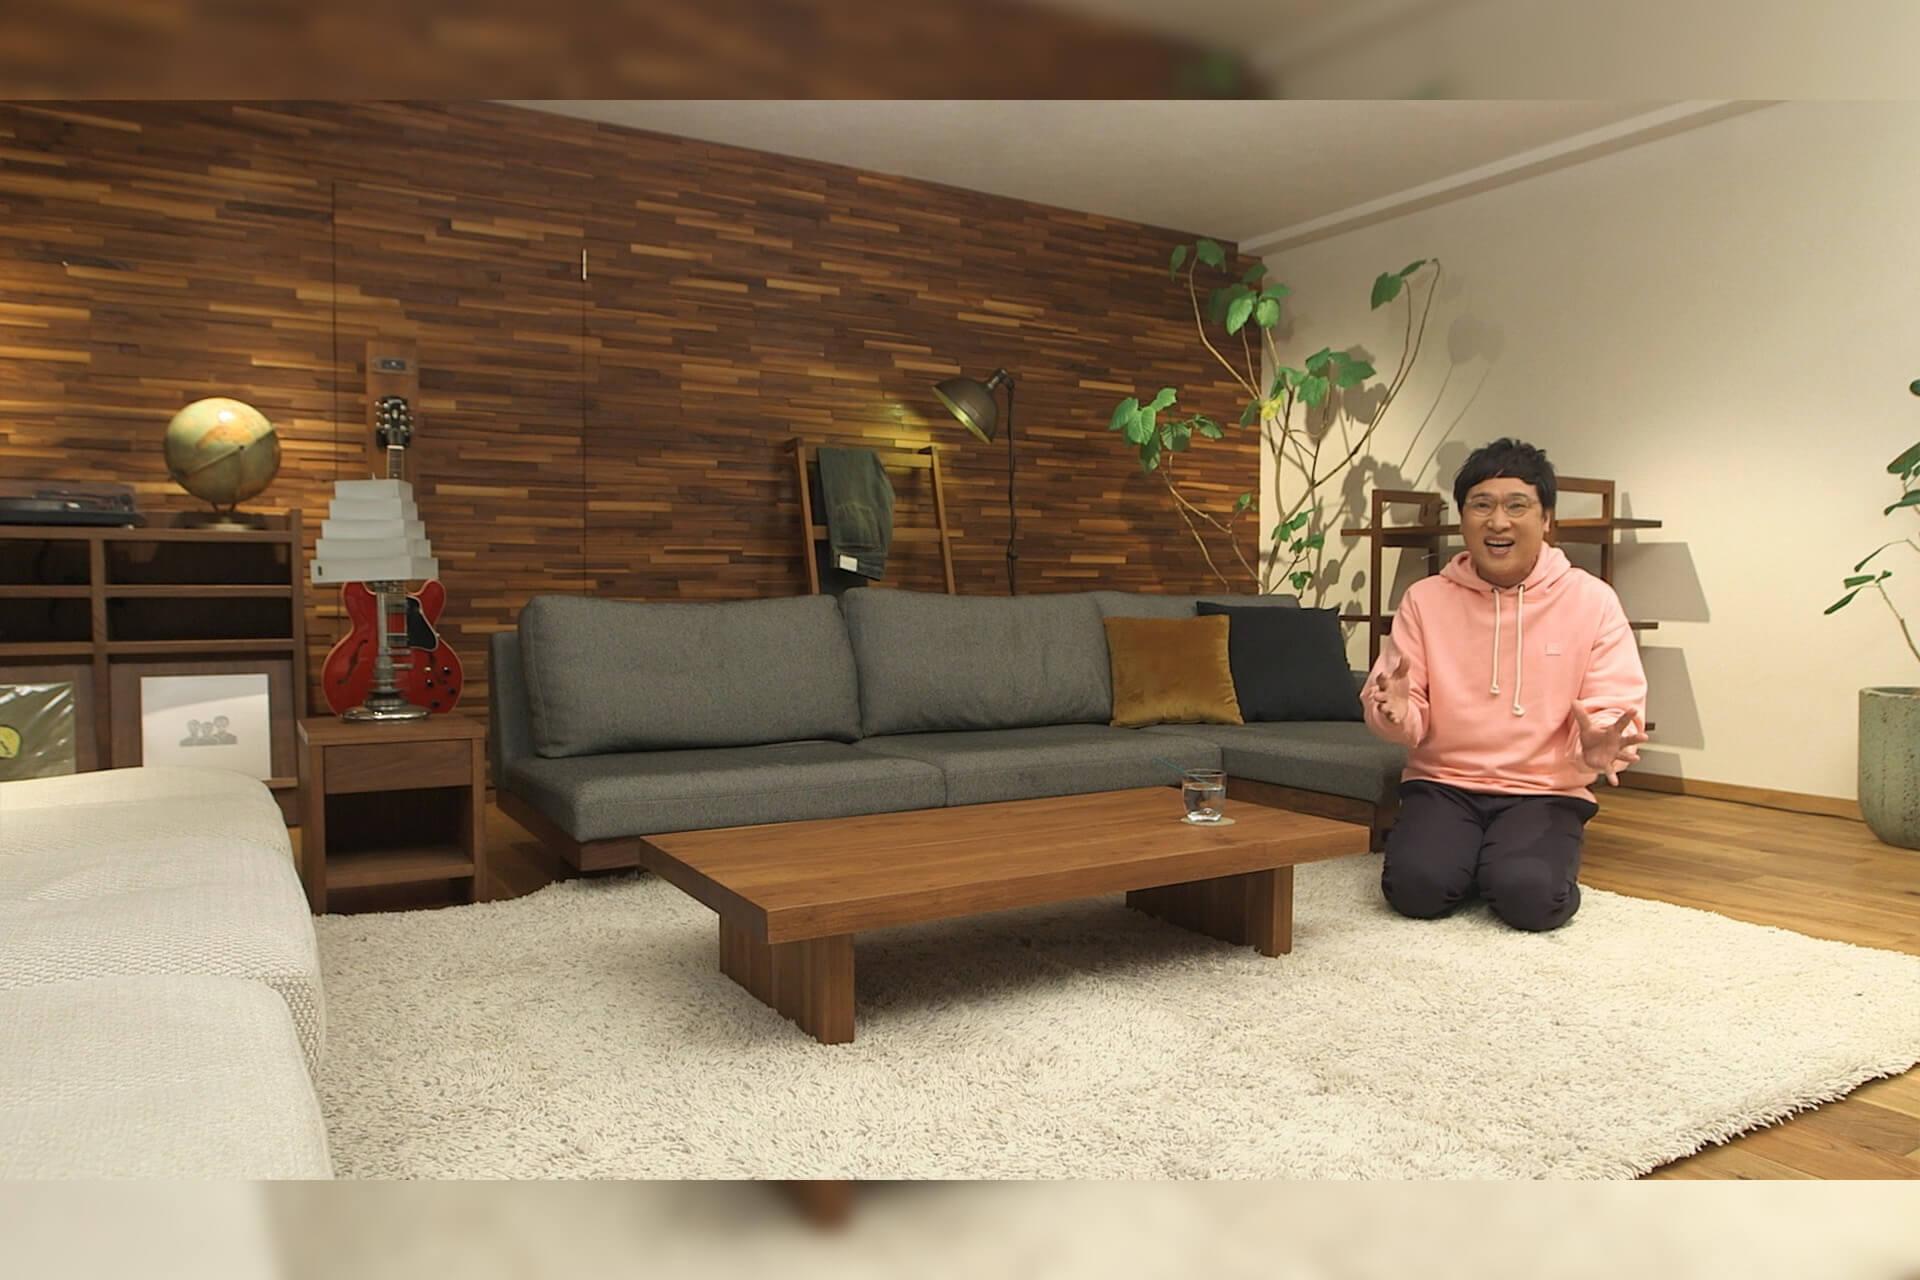 フジ テレビ テラス ハウス 木村花さんの死で問われる「テラスハウス」の責任と番組のあり方